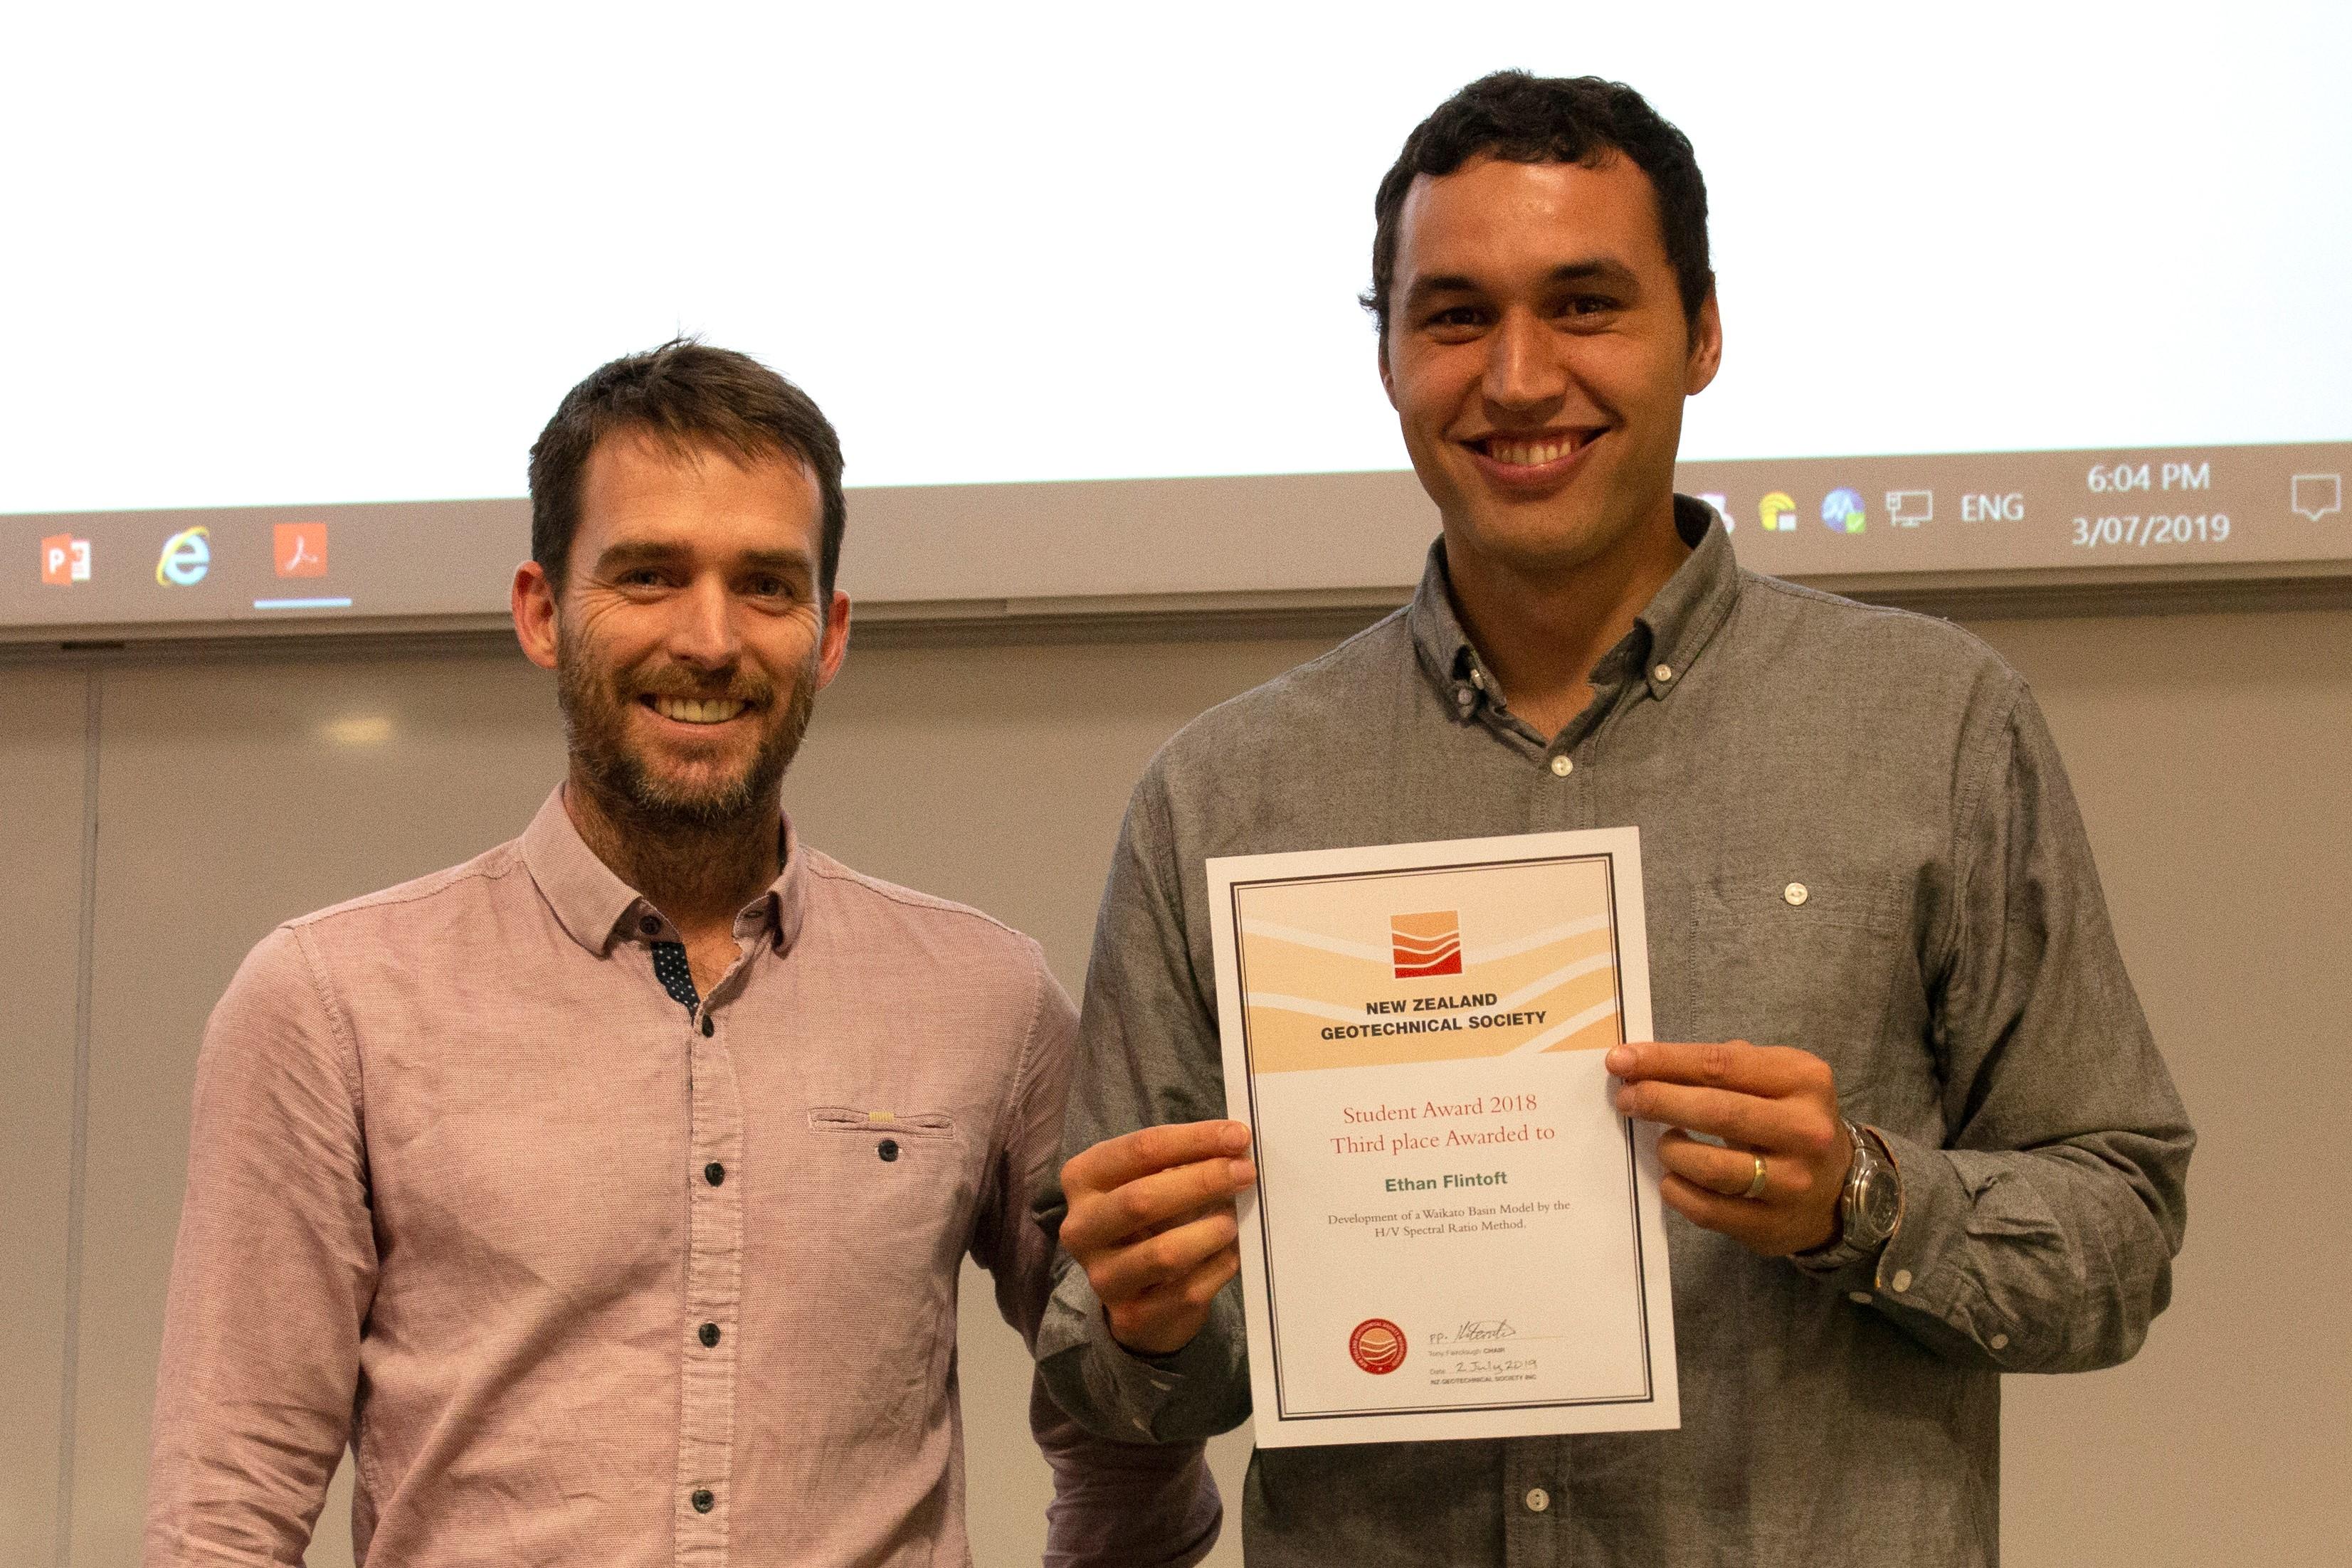 Ethan Flintoft receiving Award from NZGS